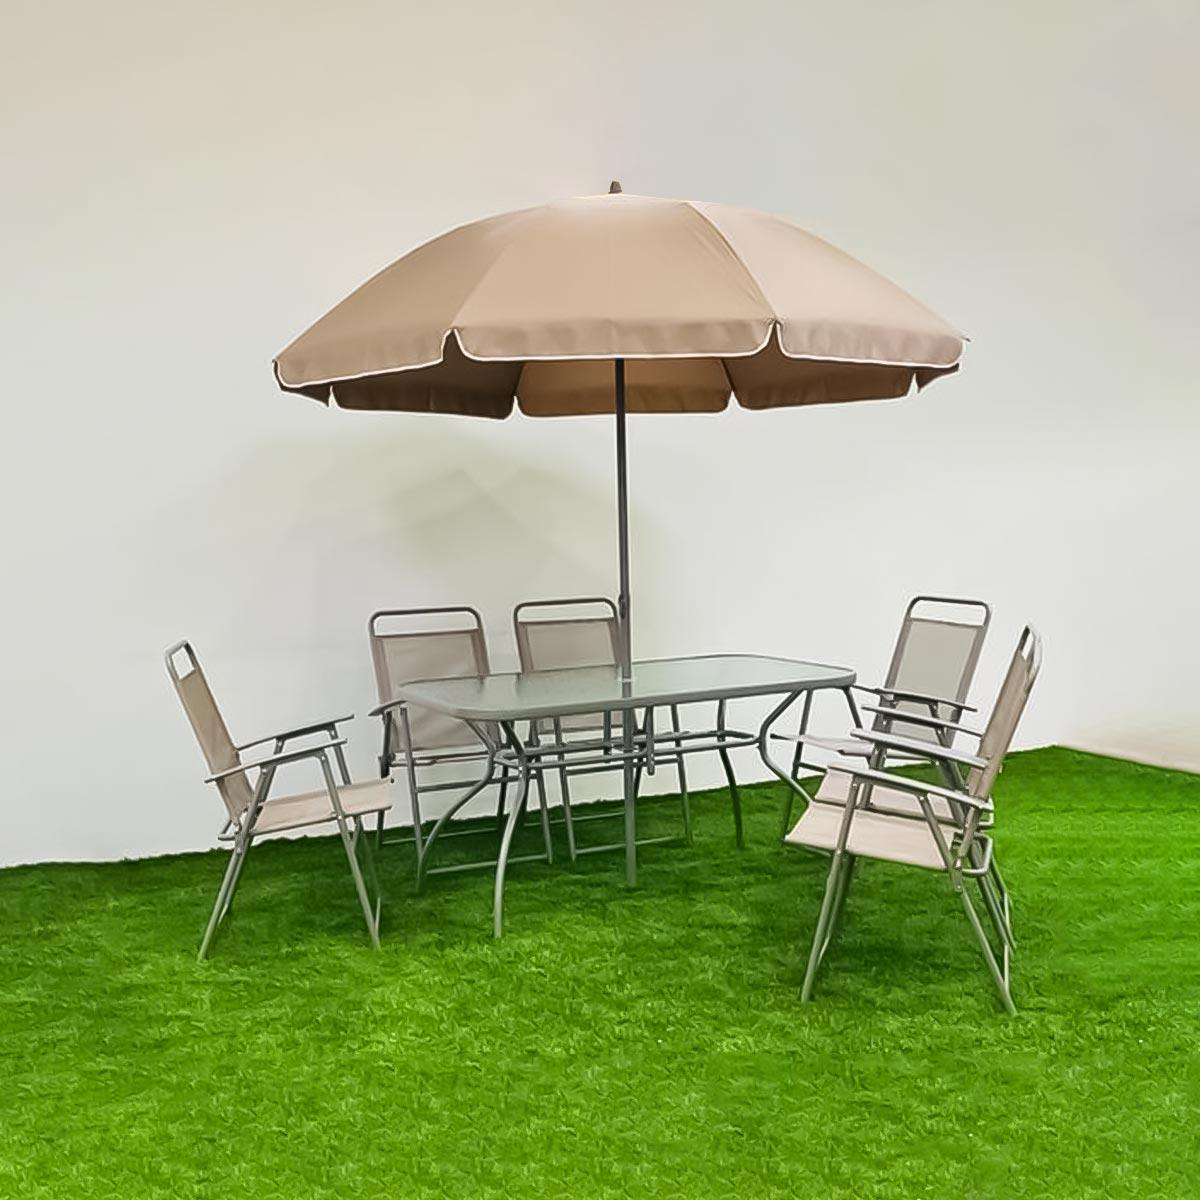 طقم طاولة جلسات خارجية مستطيلة لون بني مع 6 كرسي ومظله رقم 210599